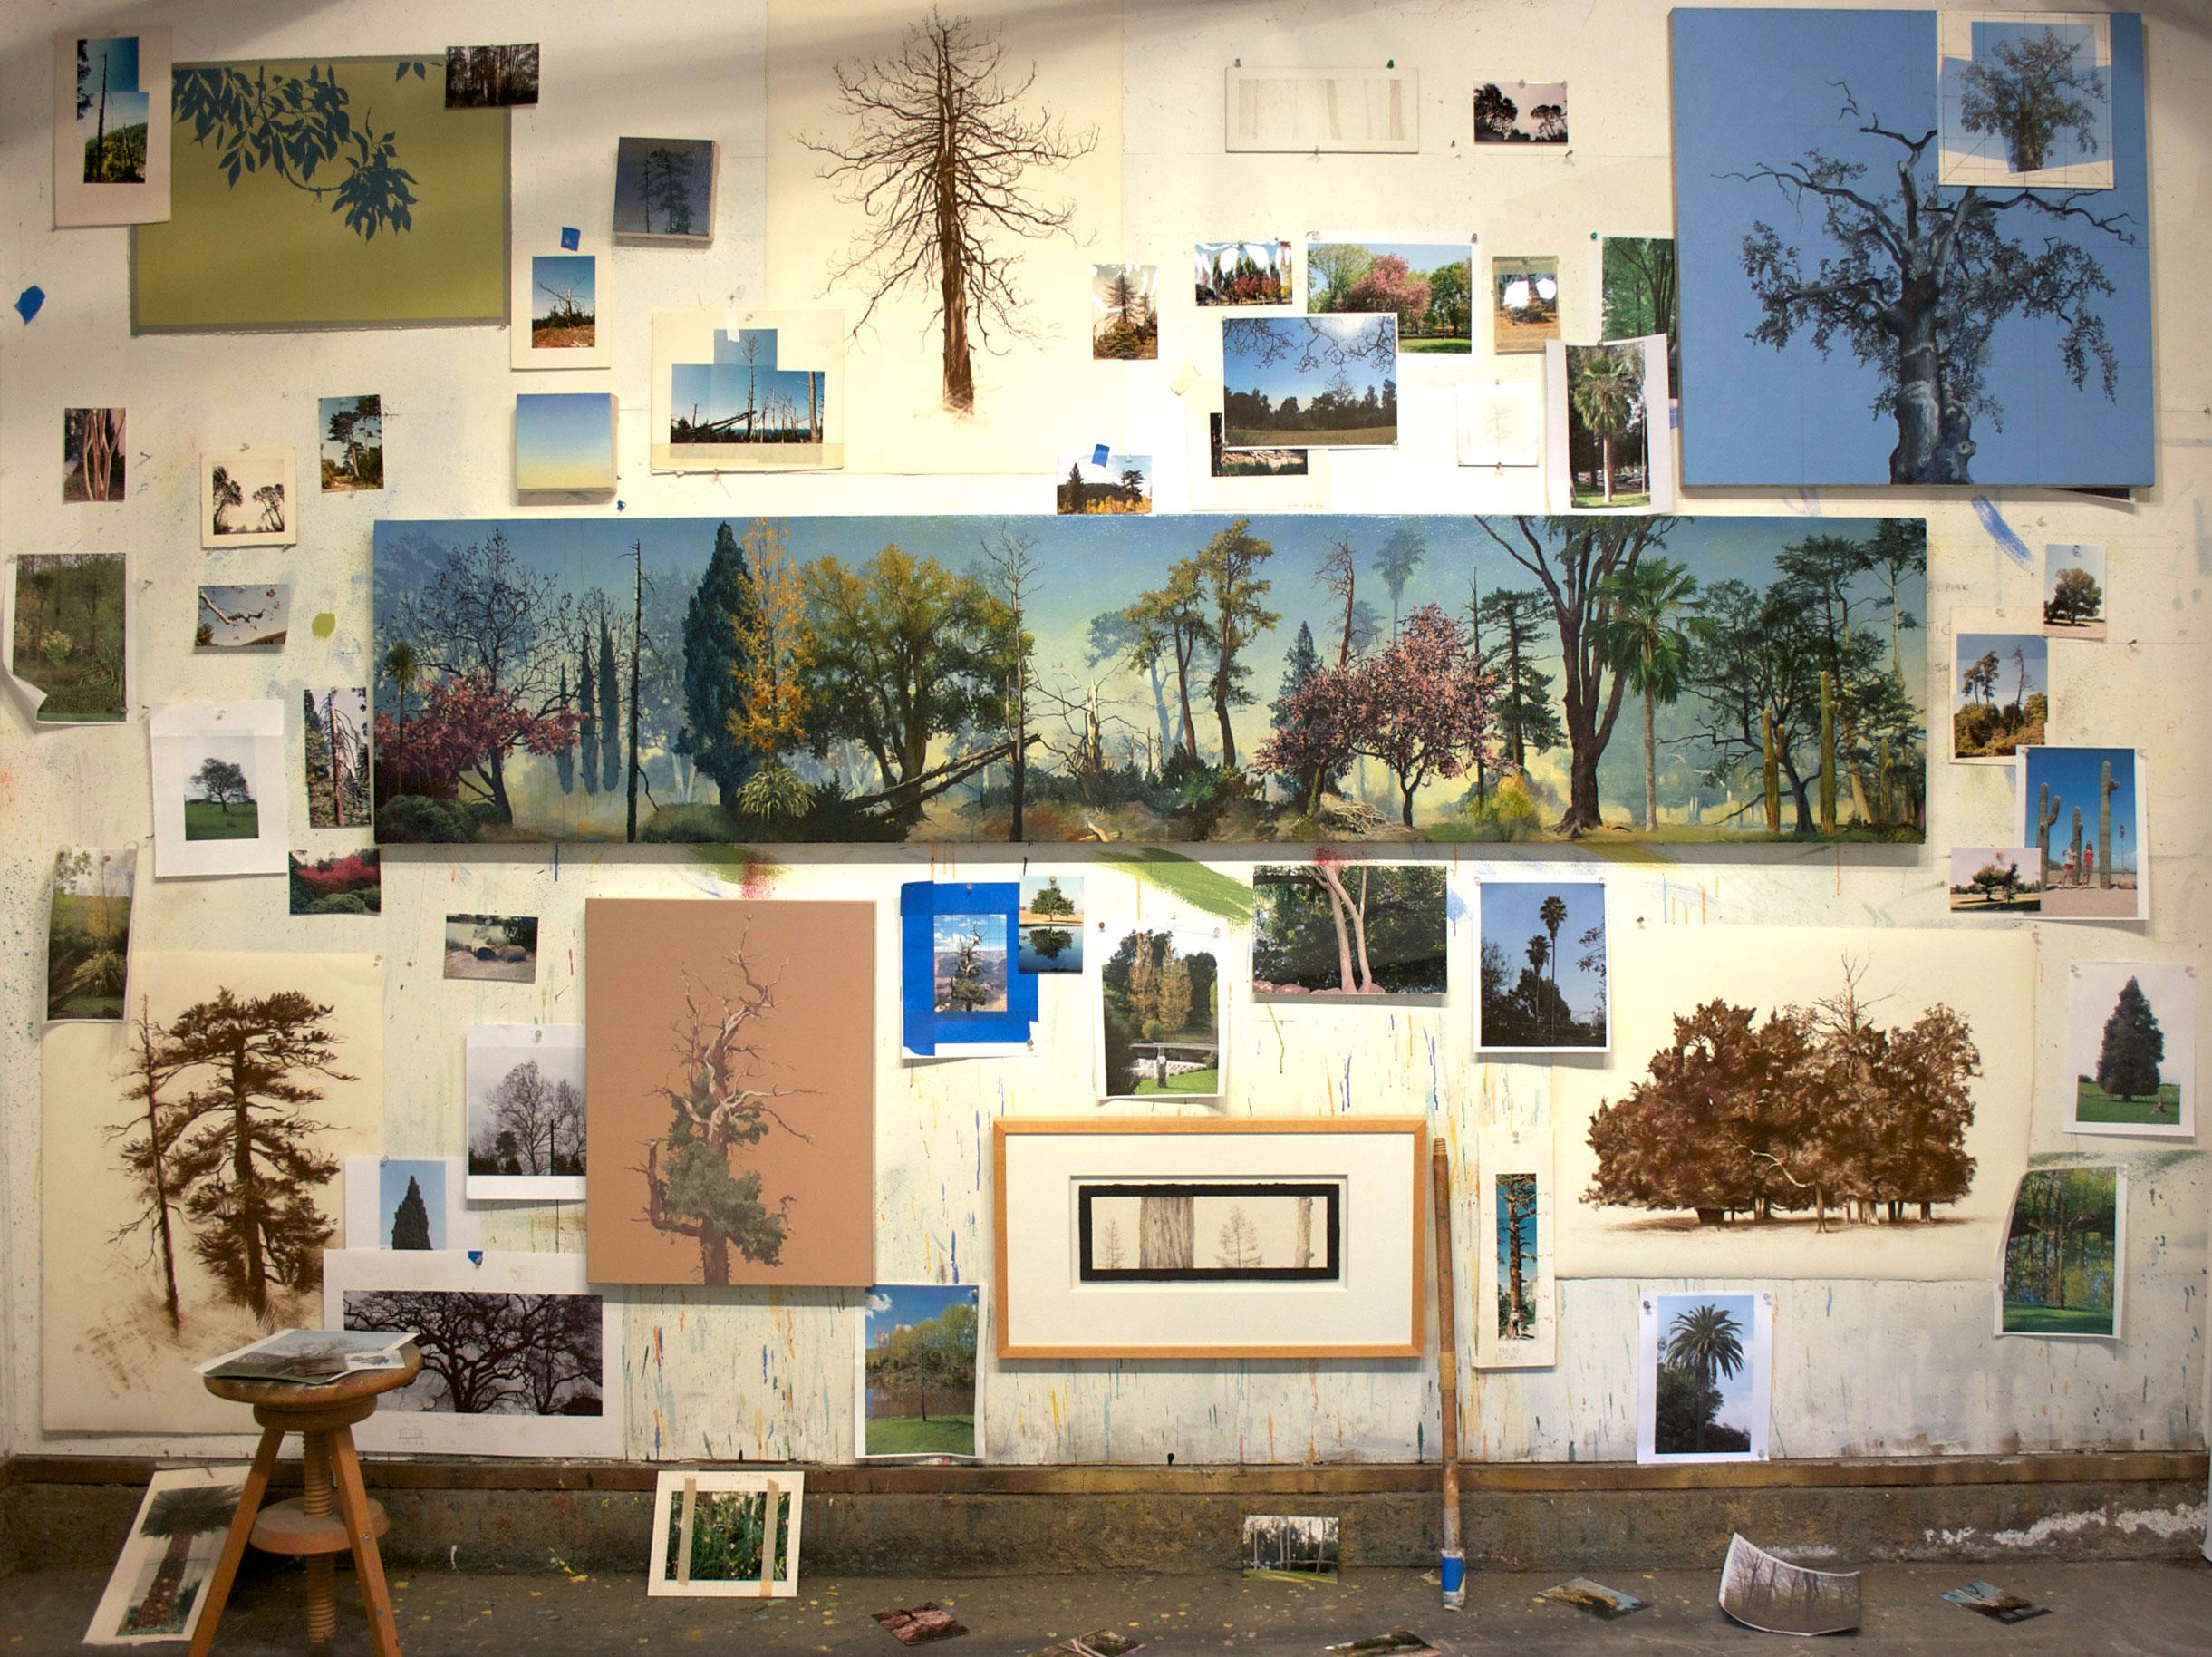 studio portrait for Arboretum exhibition 2011